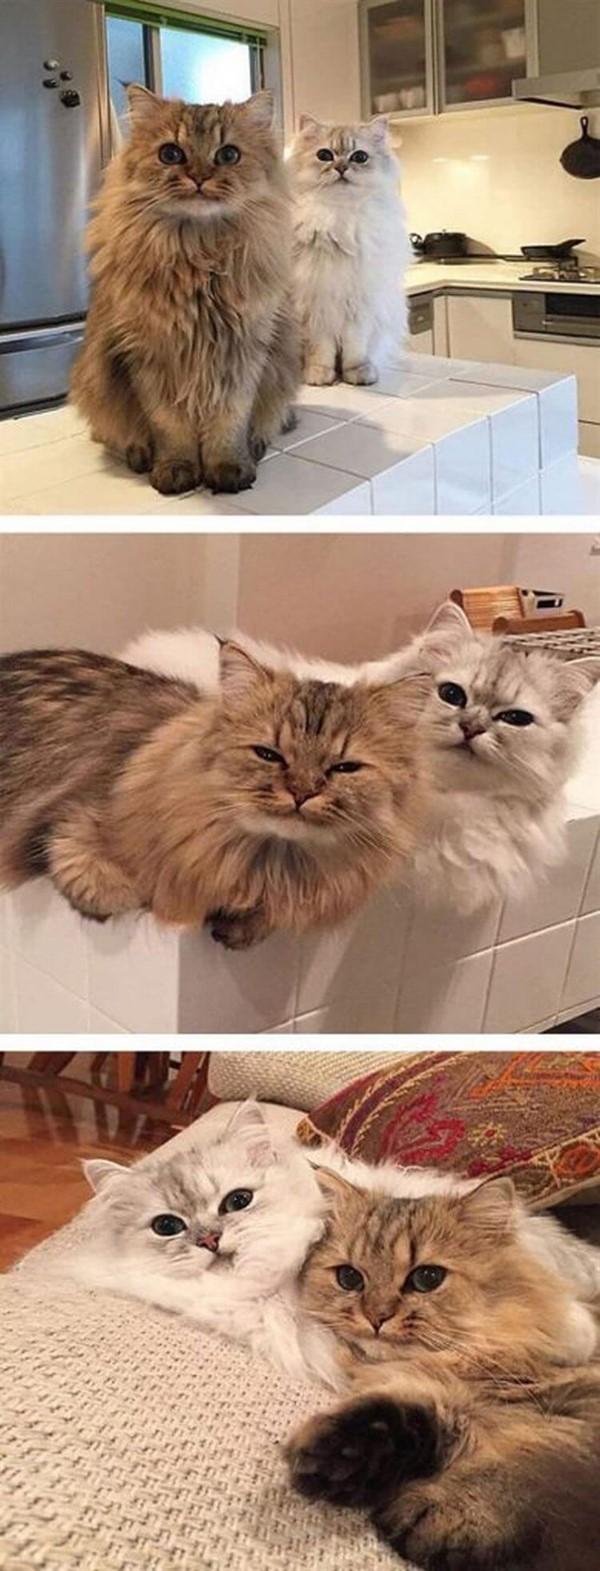 25 нереально пушистых котов, которых так и хочется постоянно обнимать (25 фото)